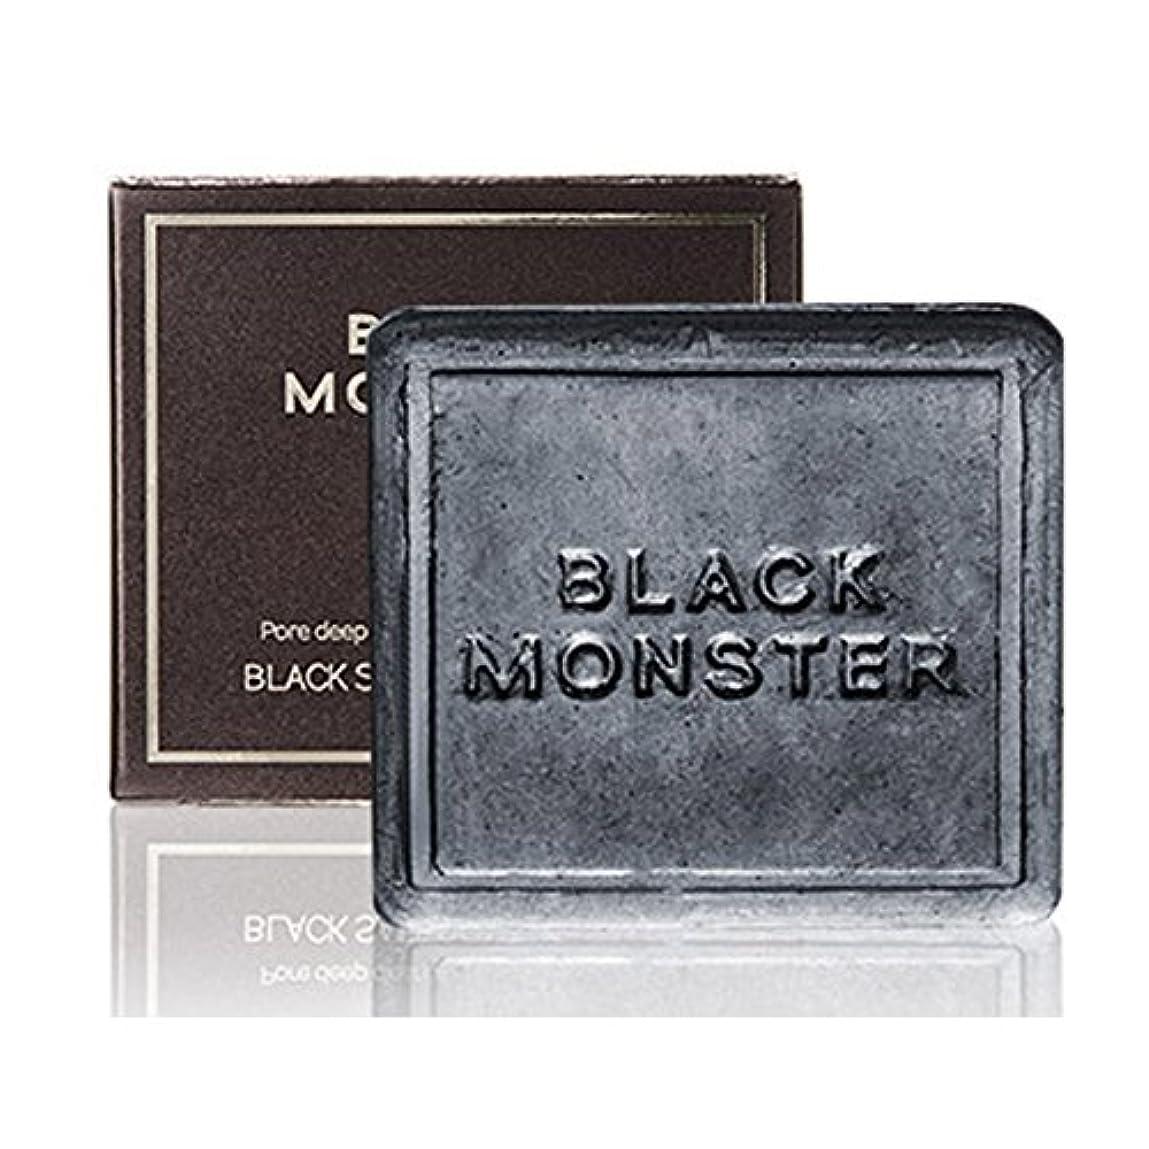 遠征きつく結婚した[ブレンクTV] blanktv Black Monster ブラックソルトコントロールバー 120g 海外直送品 black salt control bar [並行輸入品]